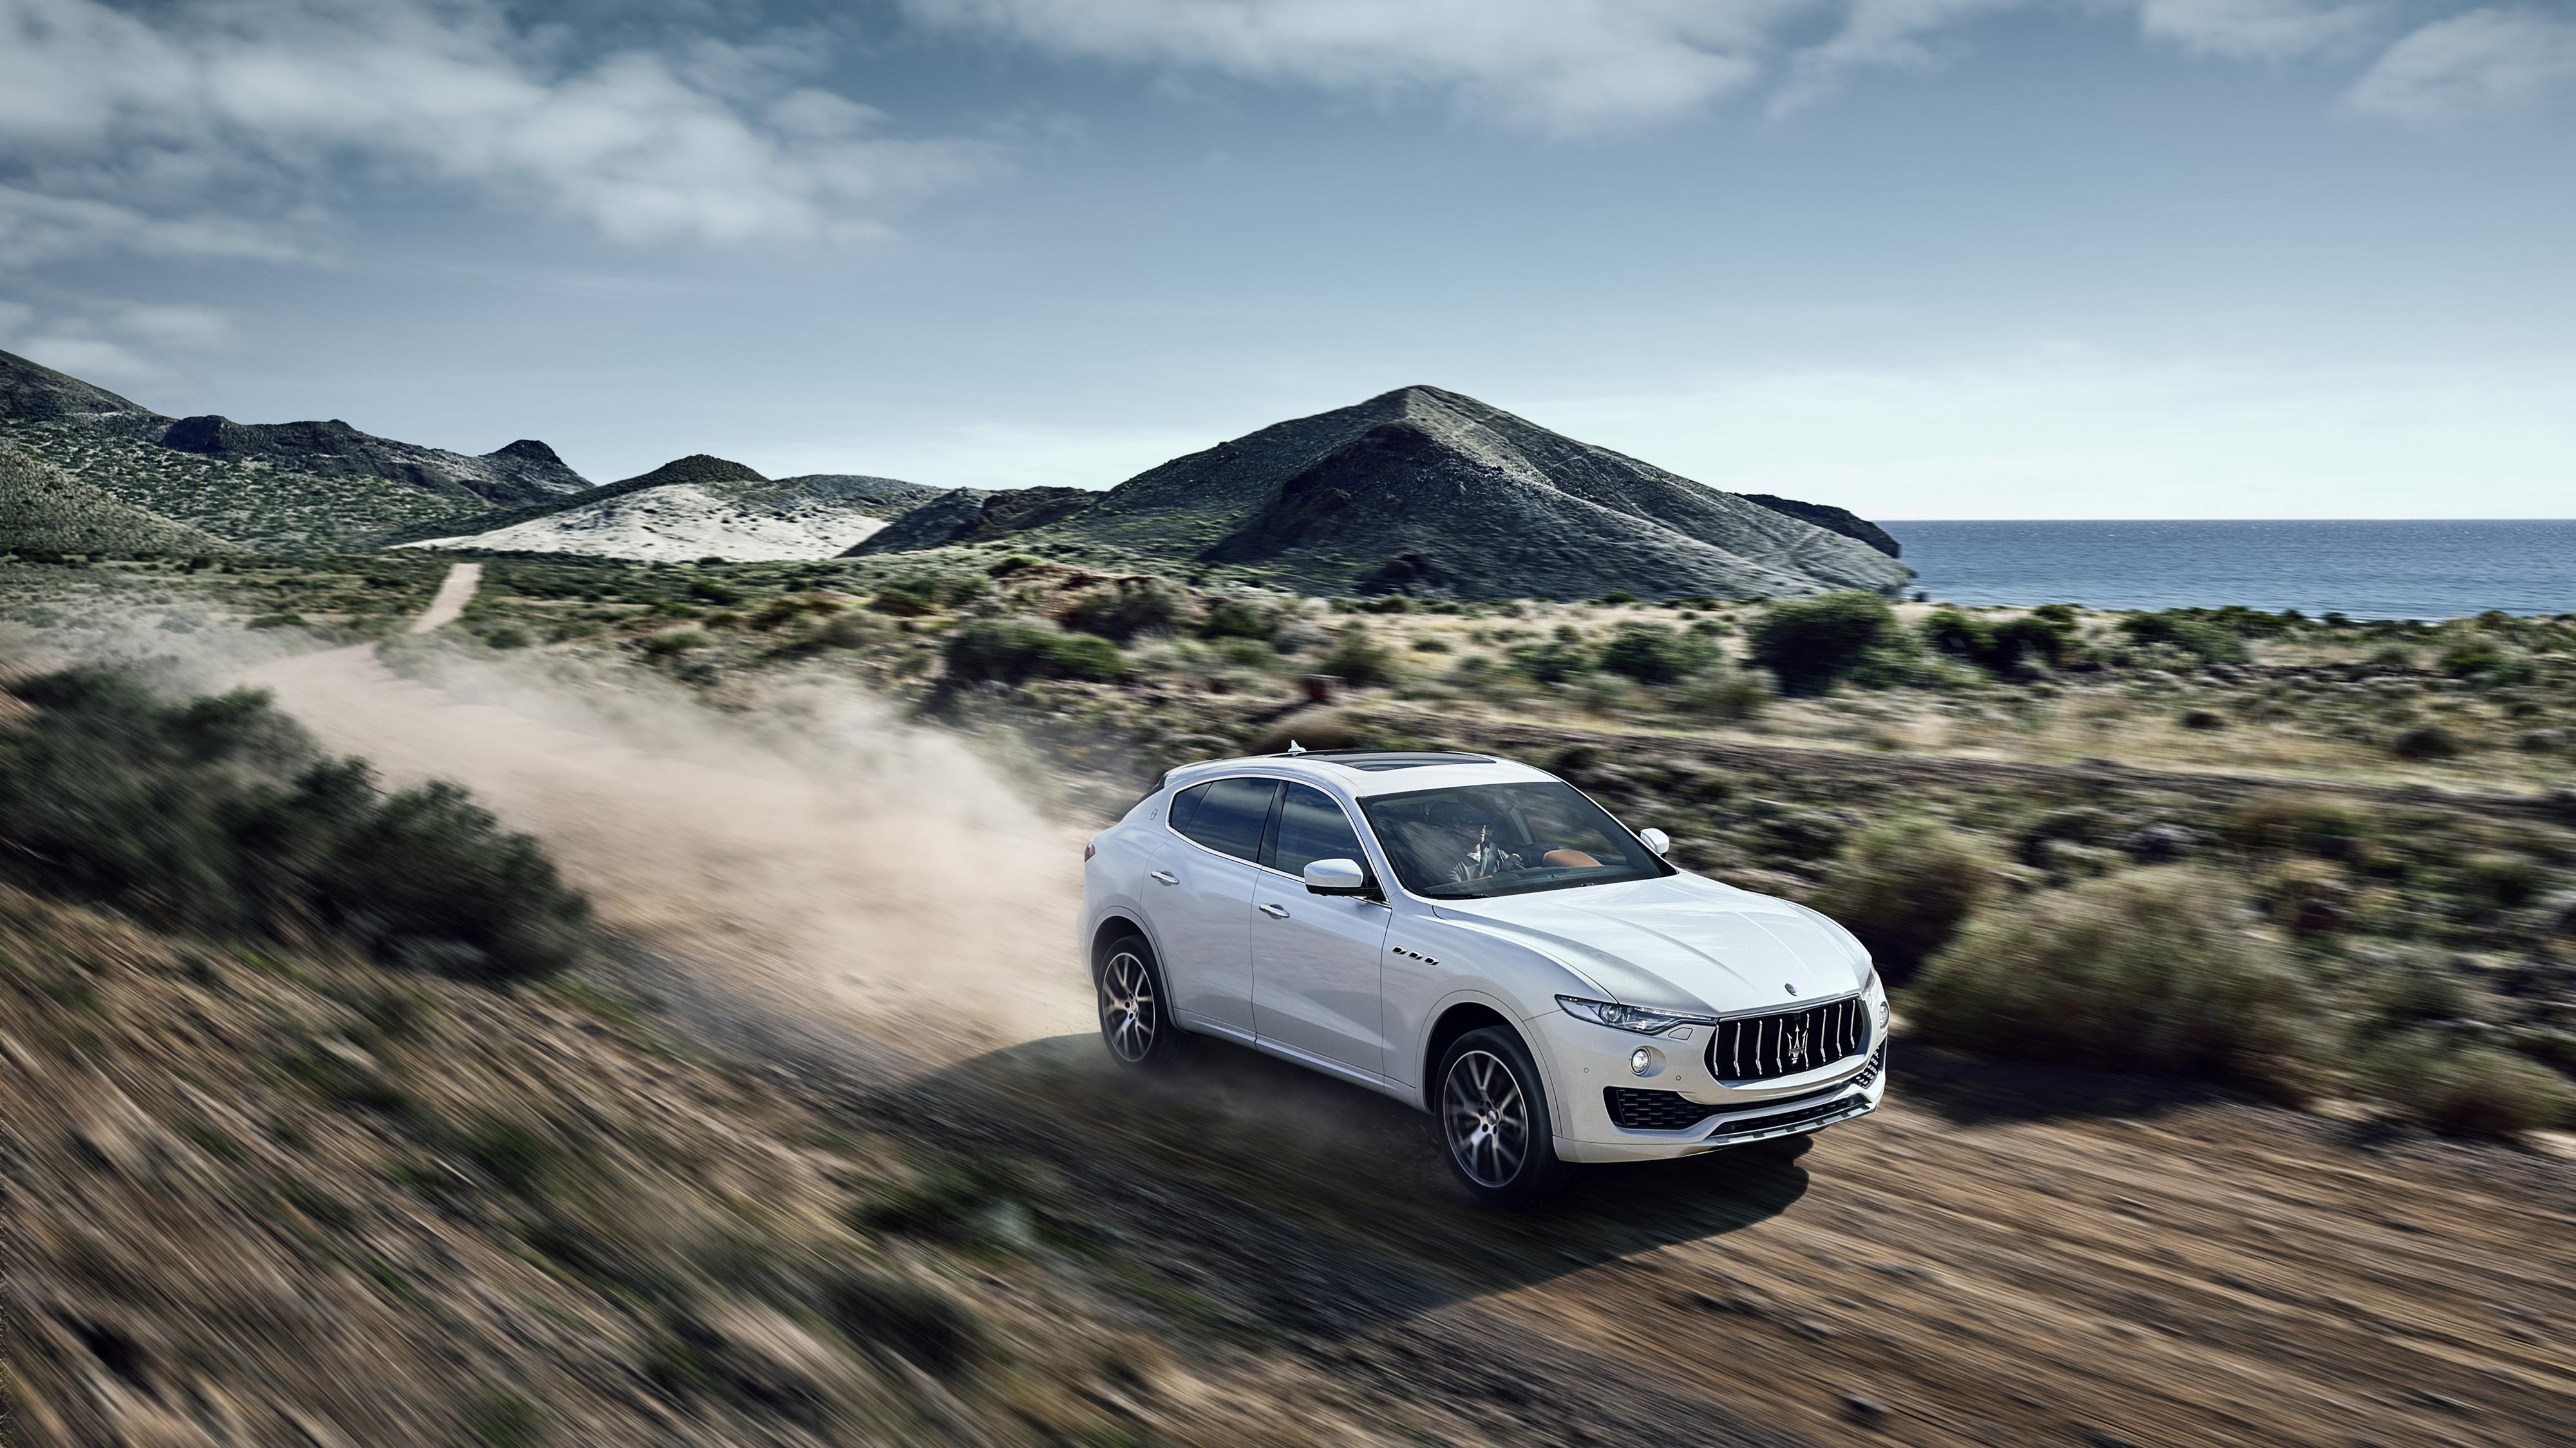 Maserati Levante - Autovisie.nl - 3